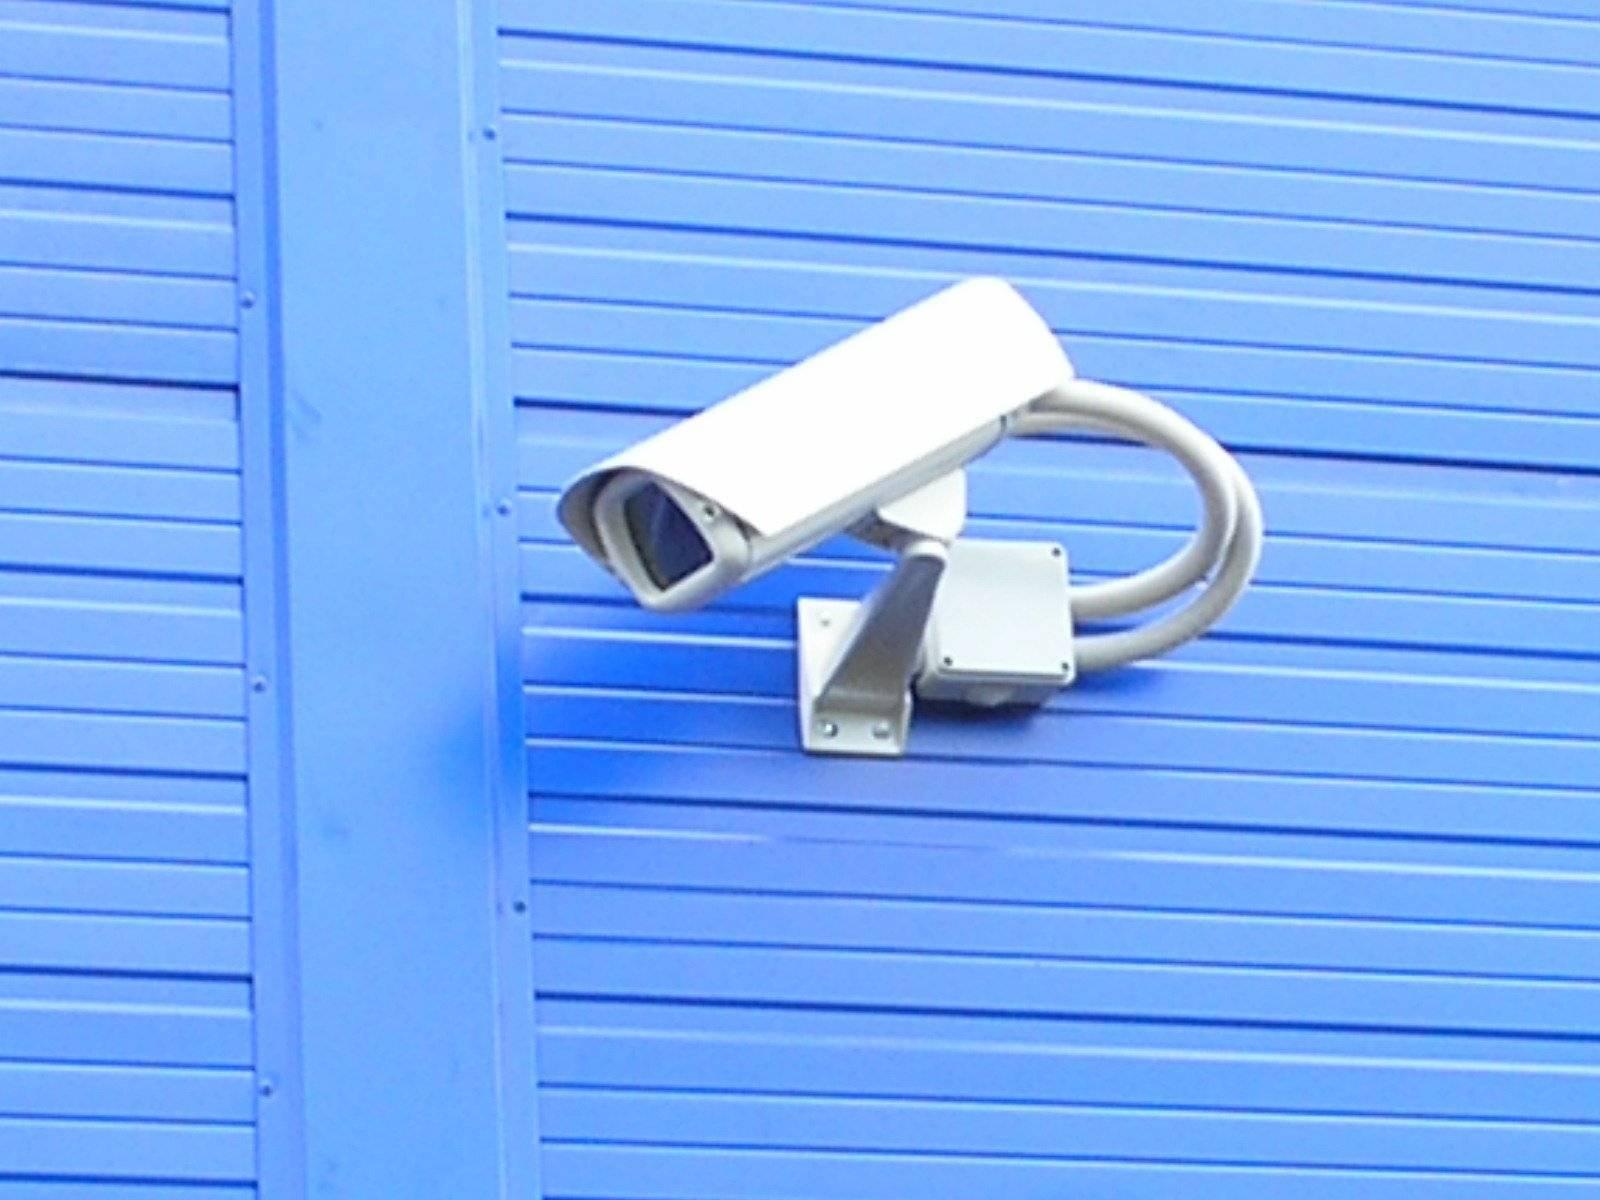 В Сочи все многоквартирные дома оборудуют камерами видеонаблюдения